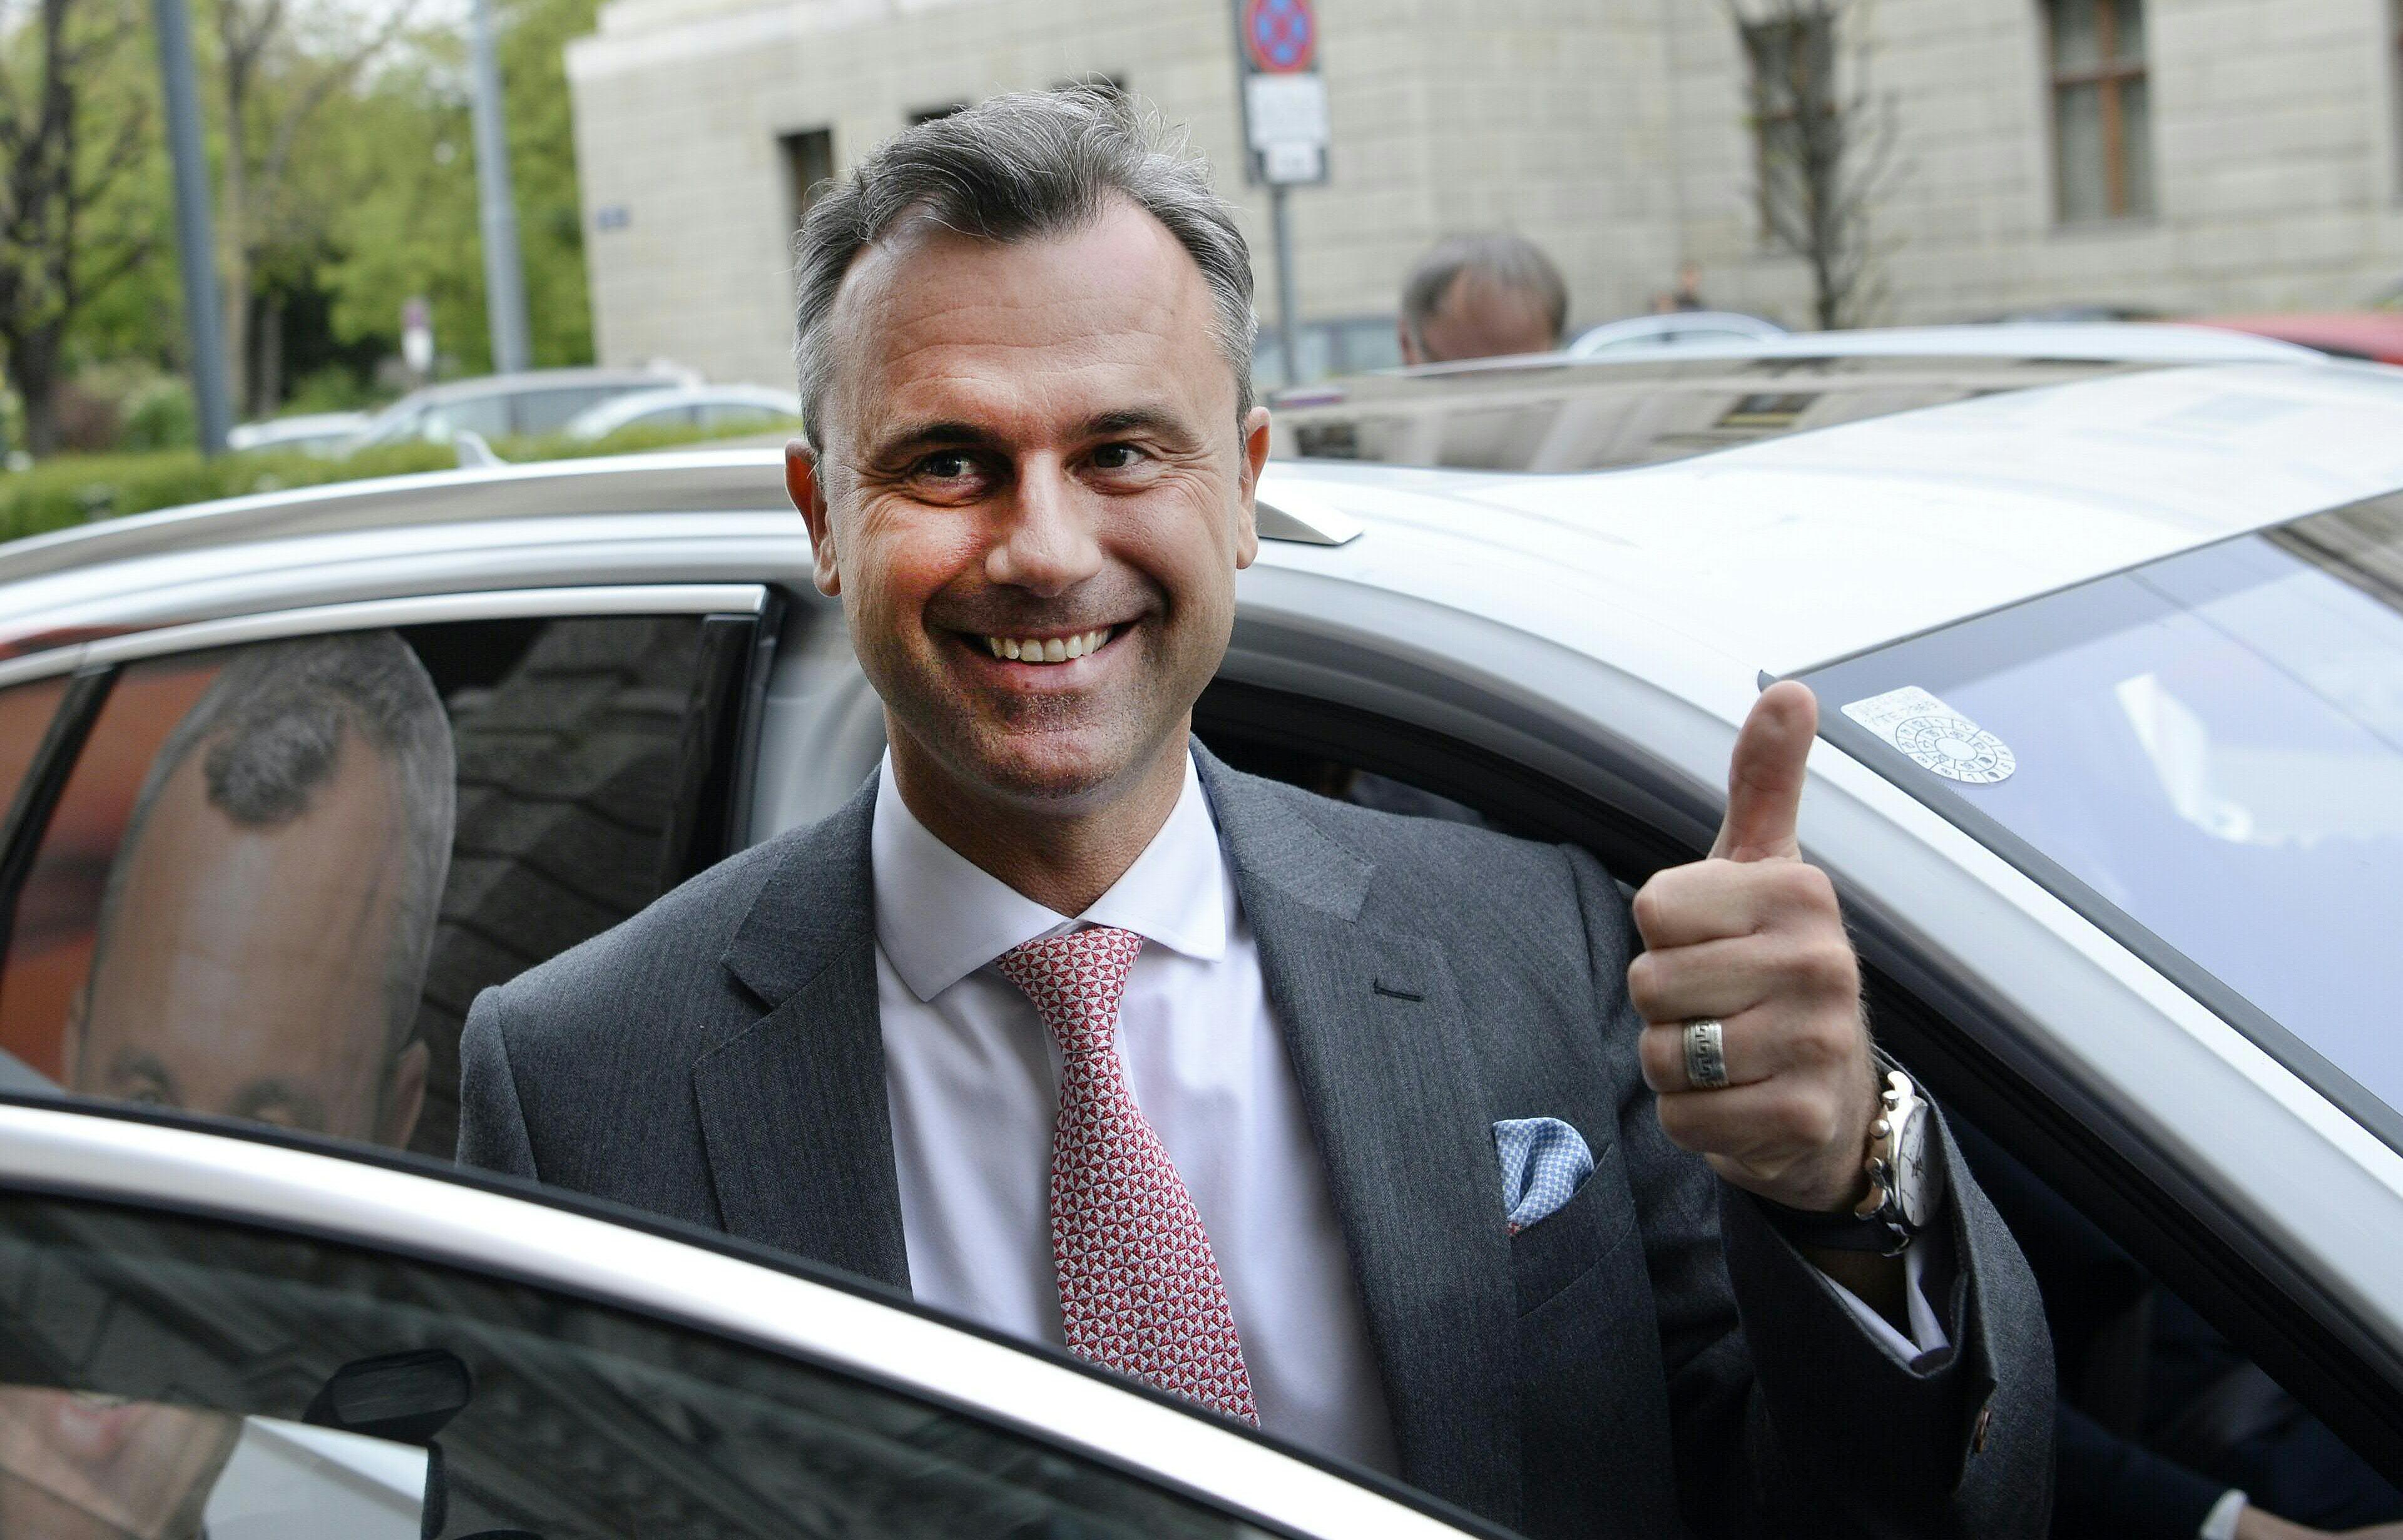 Elhalaszthatják az osztrák elnökválasztást, mert nem megfelelő a ragasztó a szavazólapok borítékjain